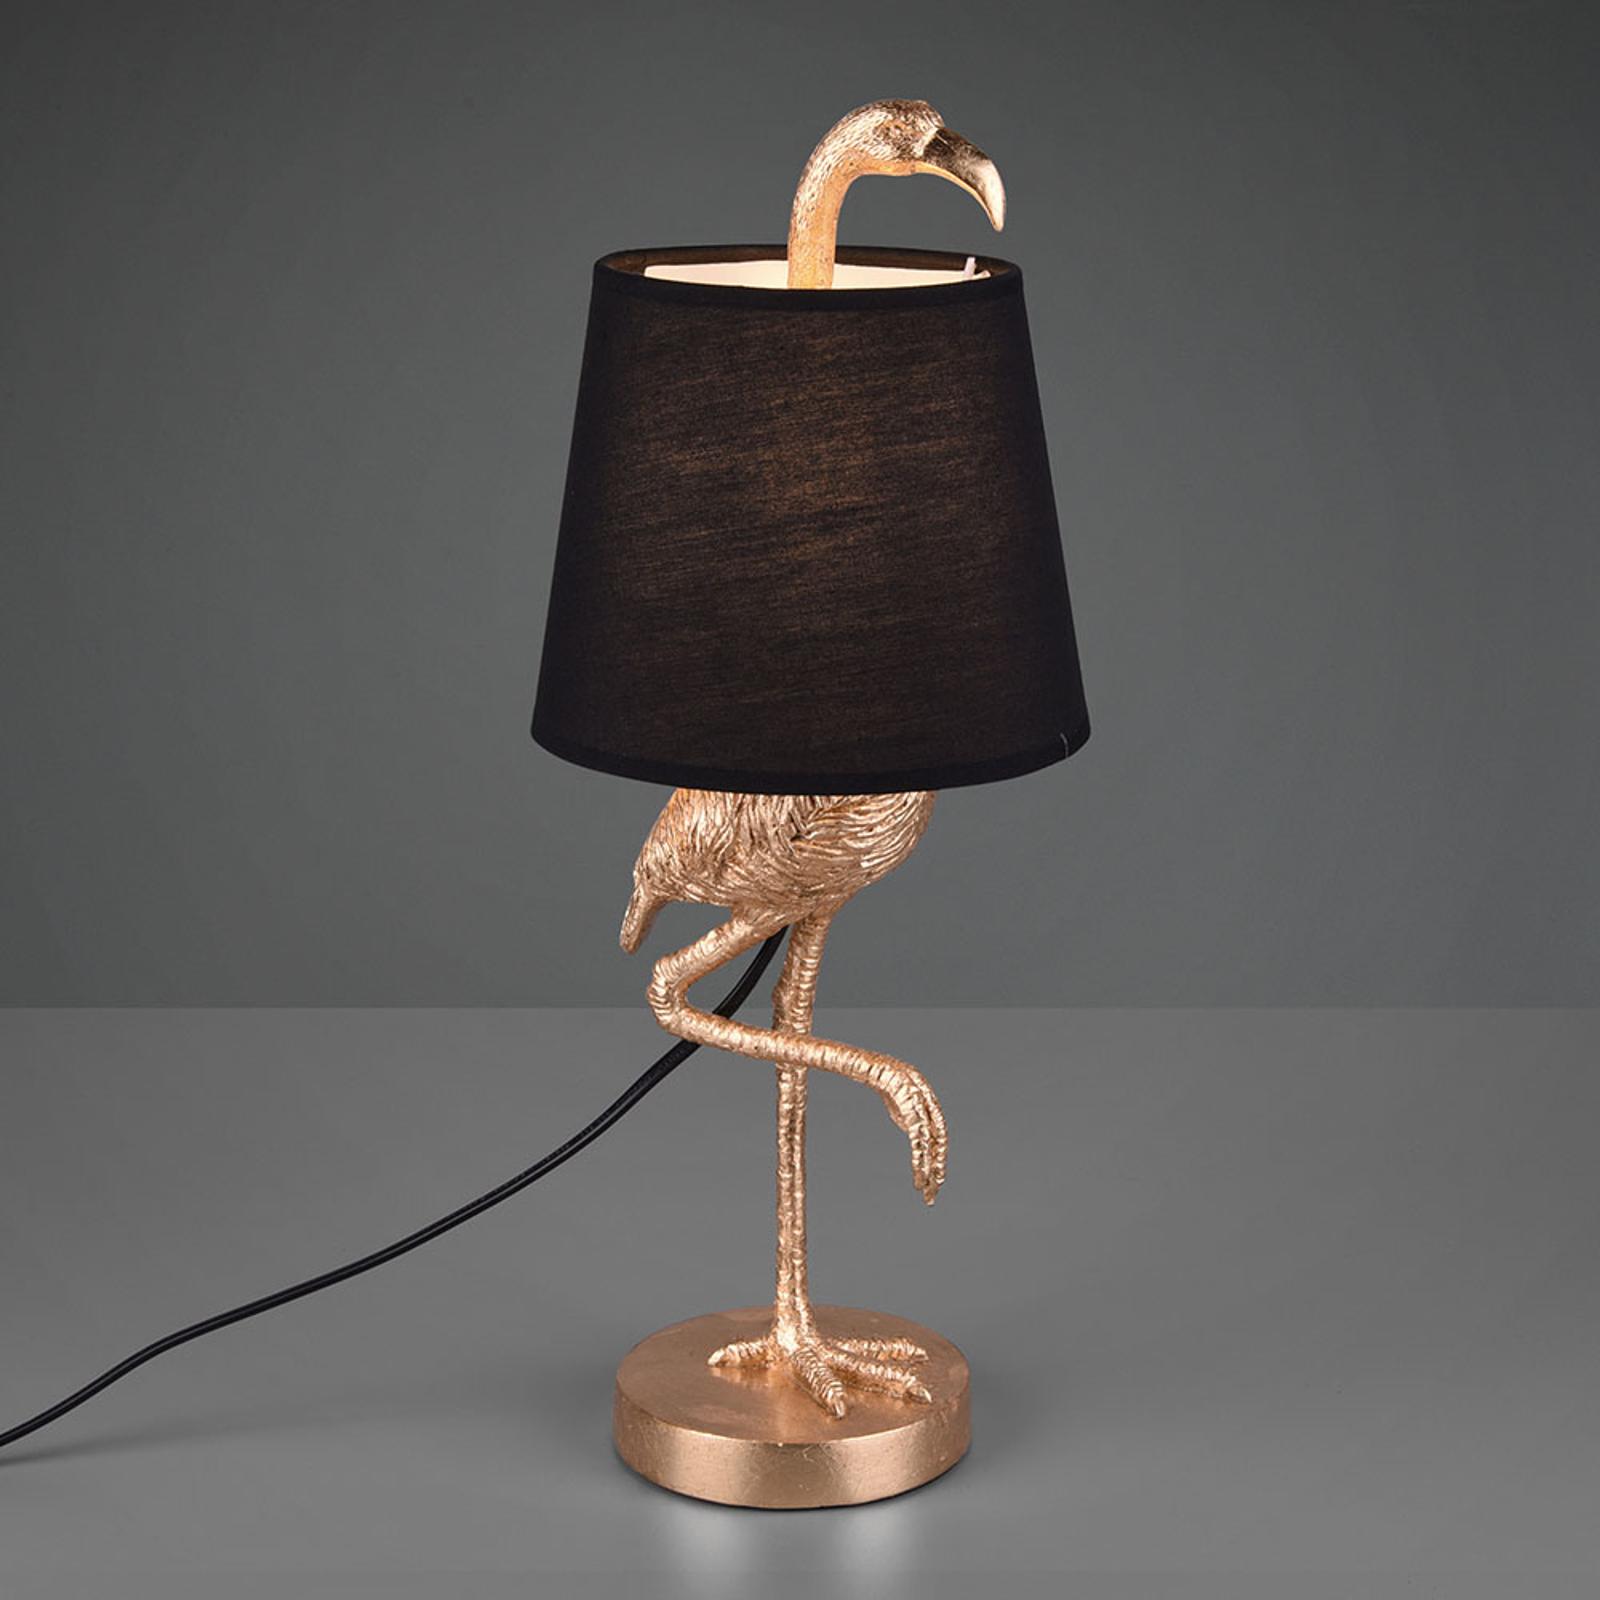 Tischleuchte Lola mit Flamingo-Figur, schwarz/gold